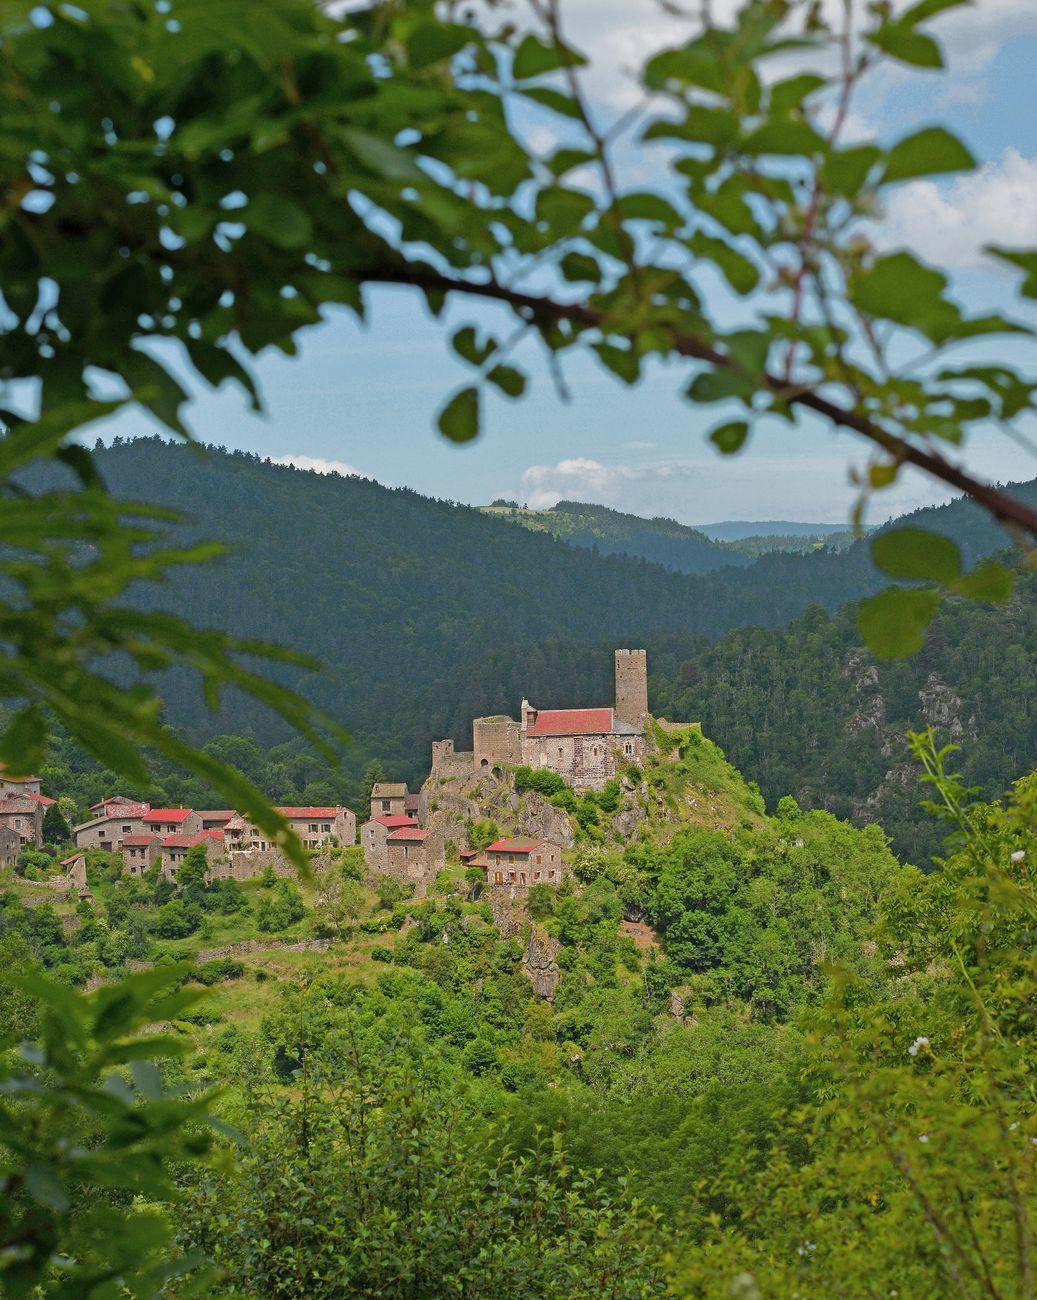 EQU_PR 212_La vallée de l'ance_Solignac_sous_roche